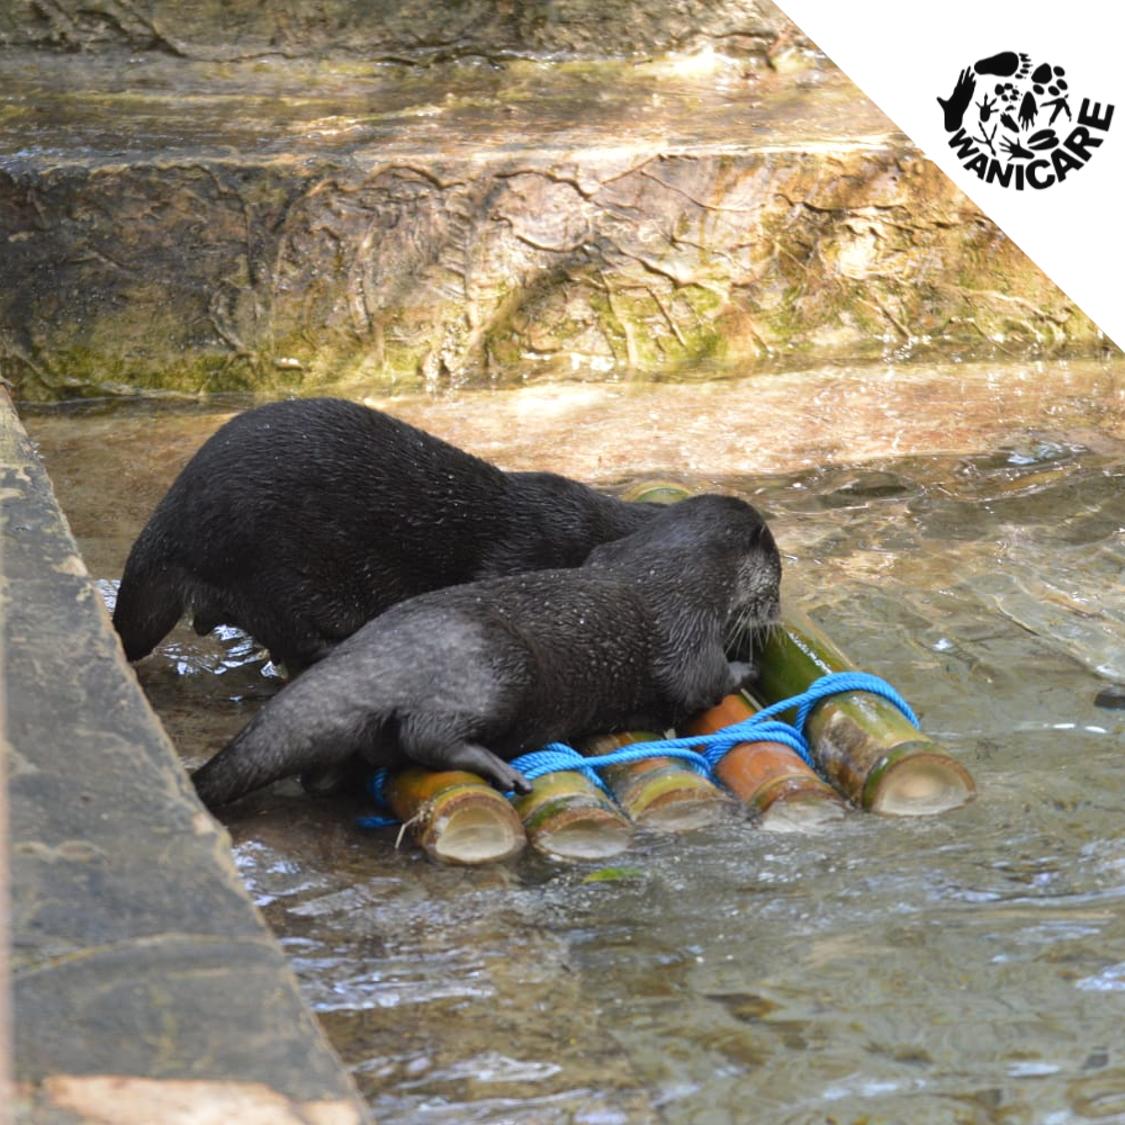 Otter-Cikananga-Wanicare-enrichment